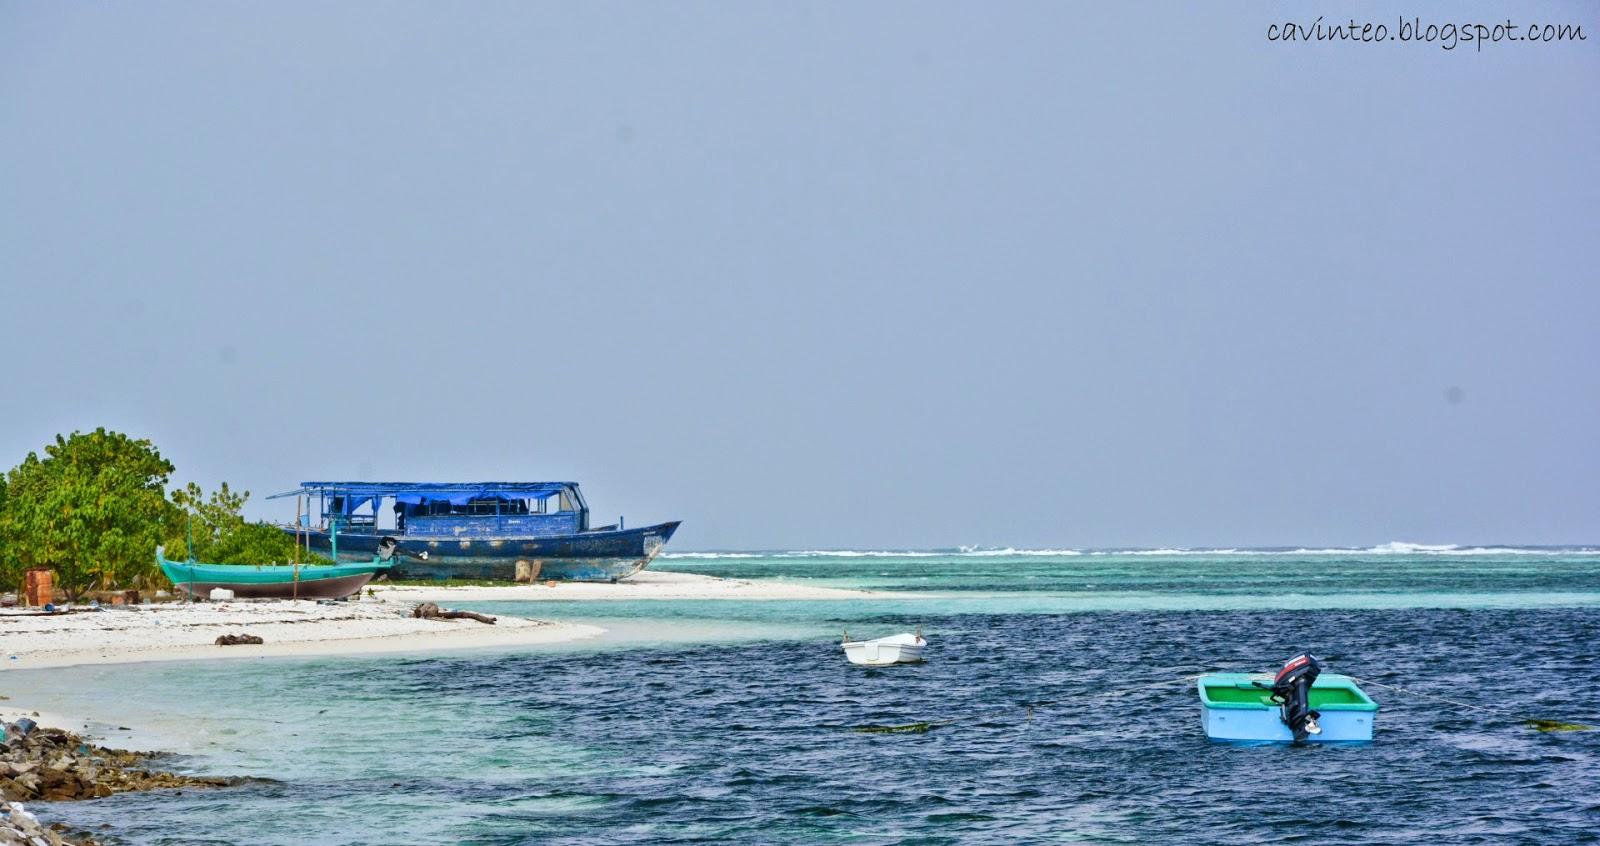 Fotos Maldivas muestran montañas de botellas de plástico lavados hasta en las islas